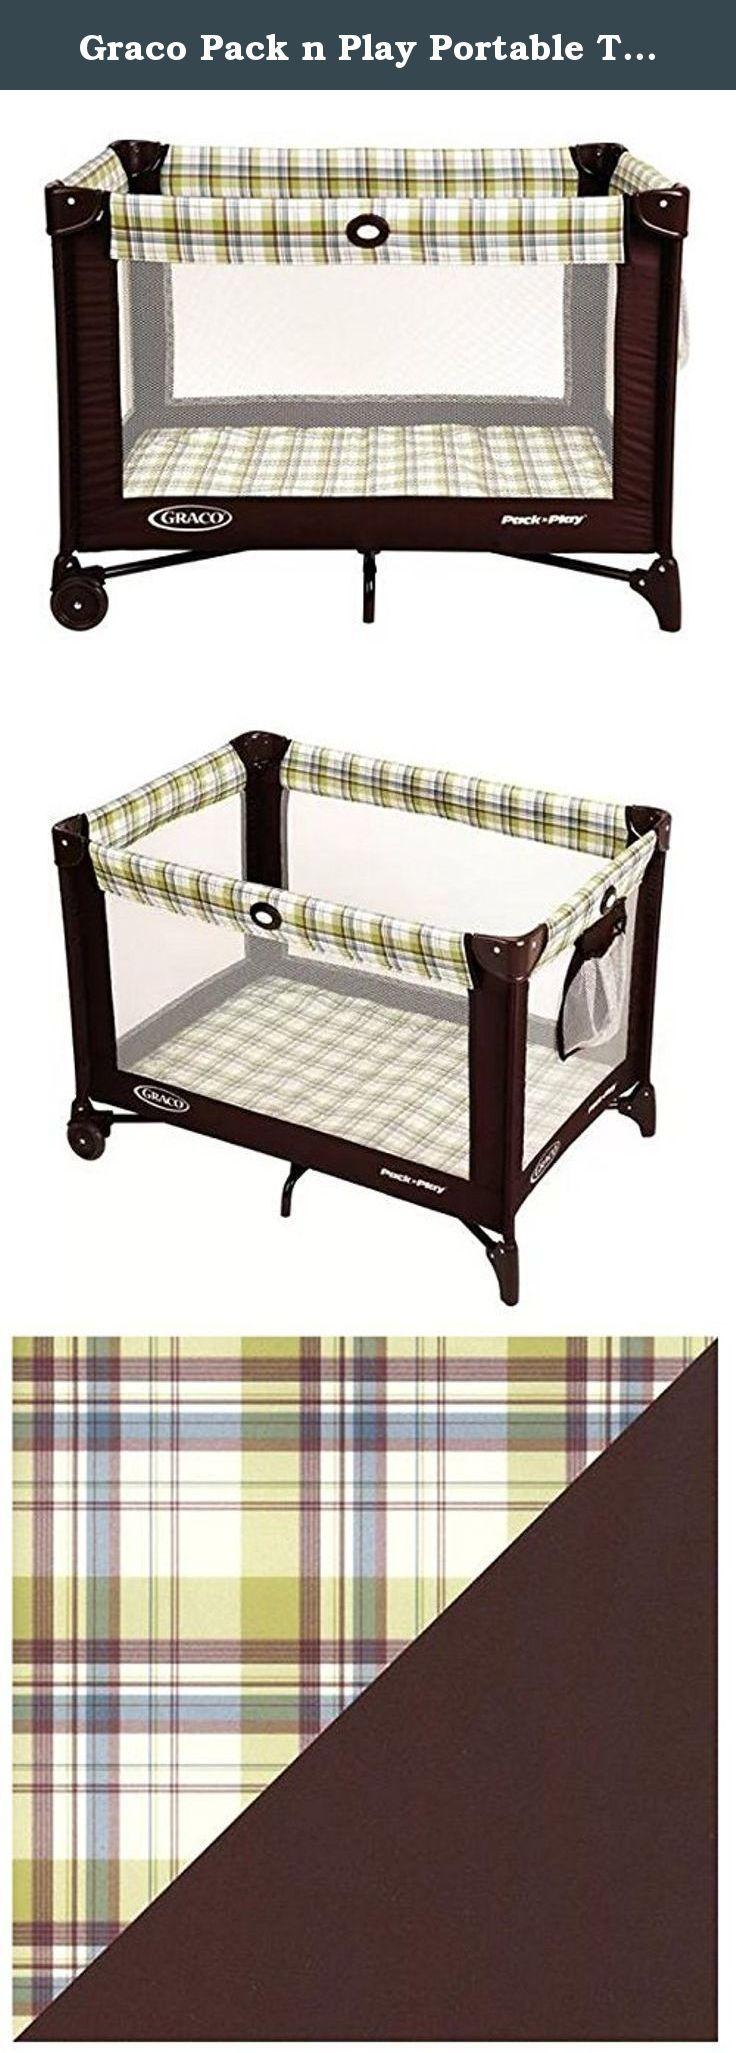 Adalat 60 oros.doc - Baby Crib Vs Pack N Play Graco Pack N Play Portable Travel Baby Crib Playpen